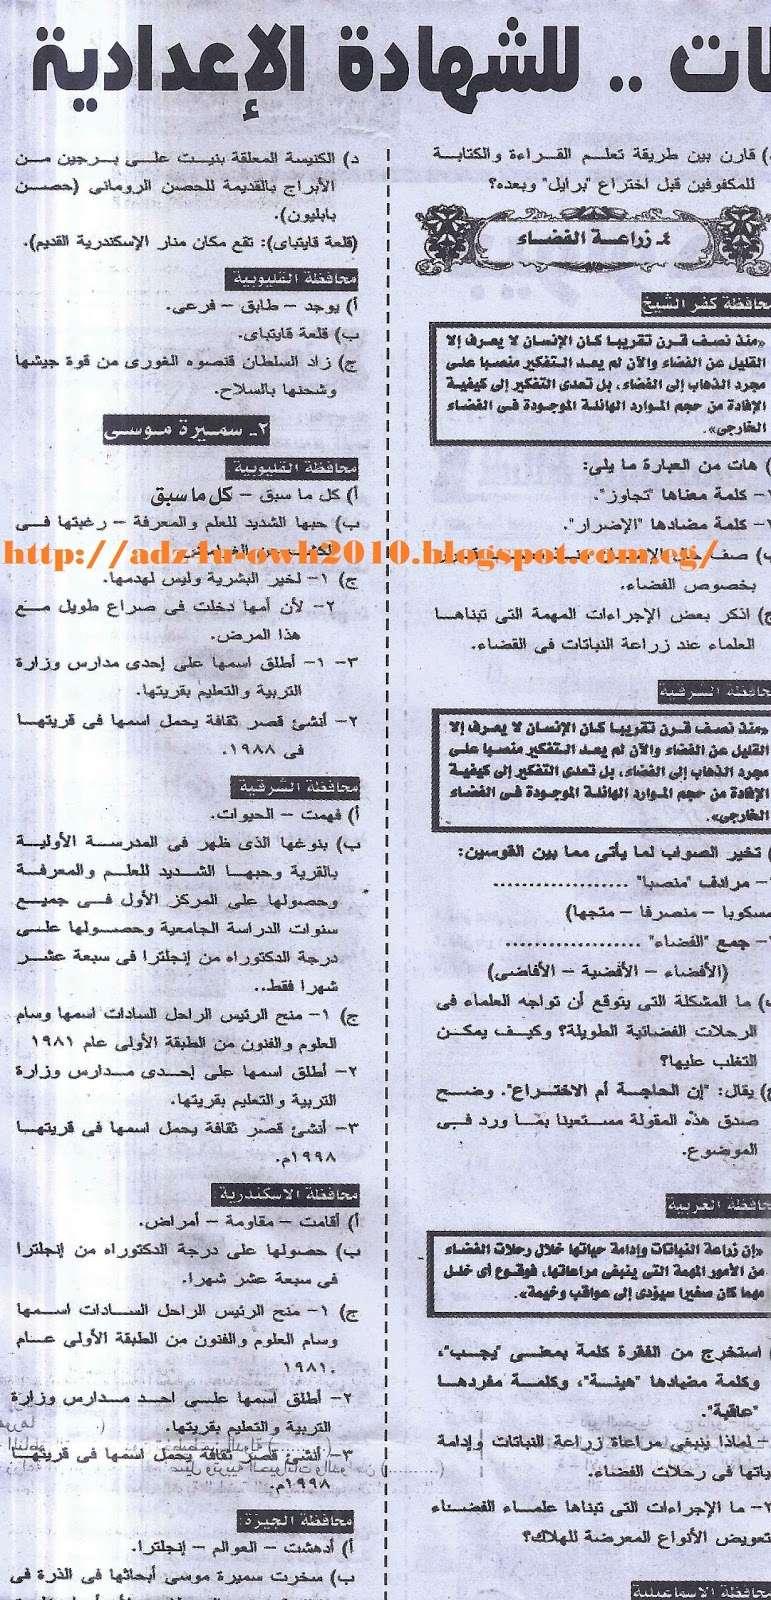 توقعات أسئلة القراءة لامتحان الشهادة الإعدادية نصف العام من ملحق الجمهورية التعليمي 353